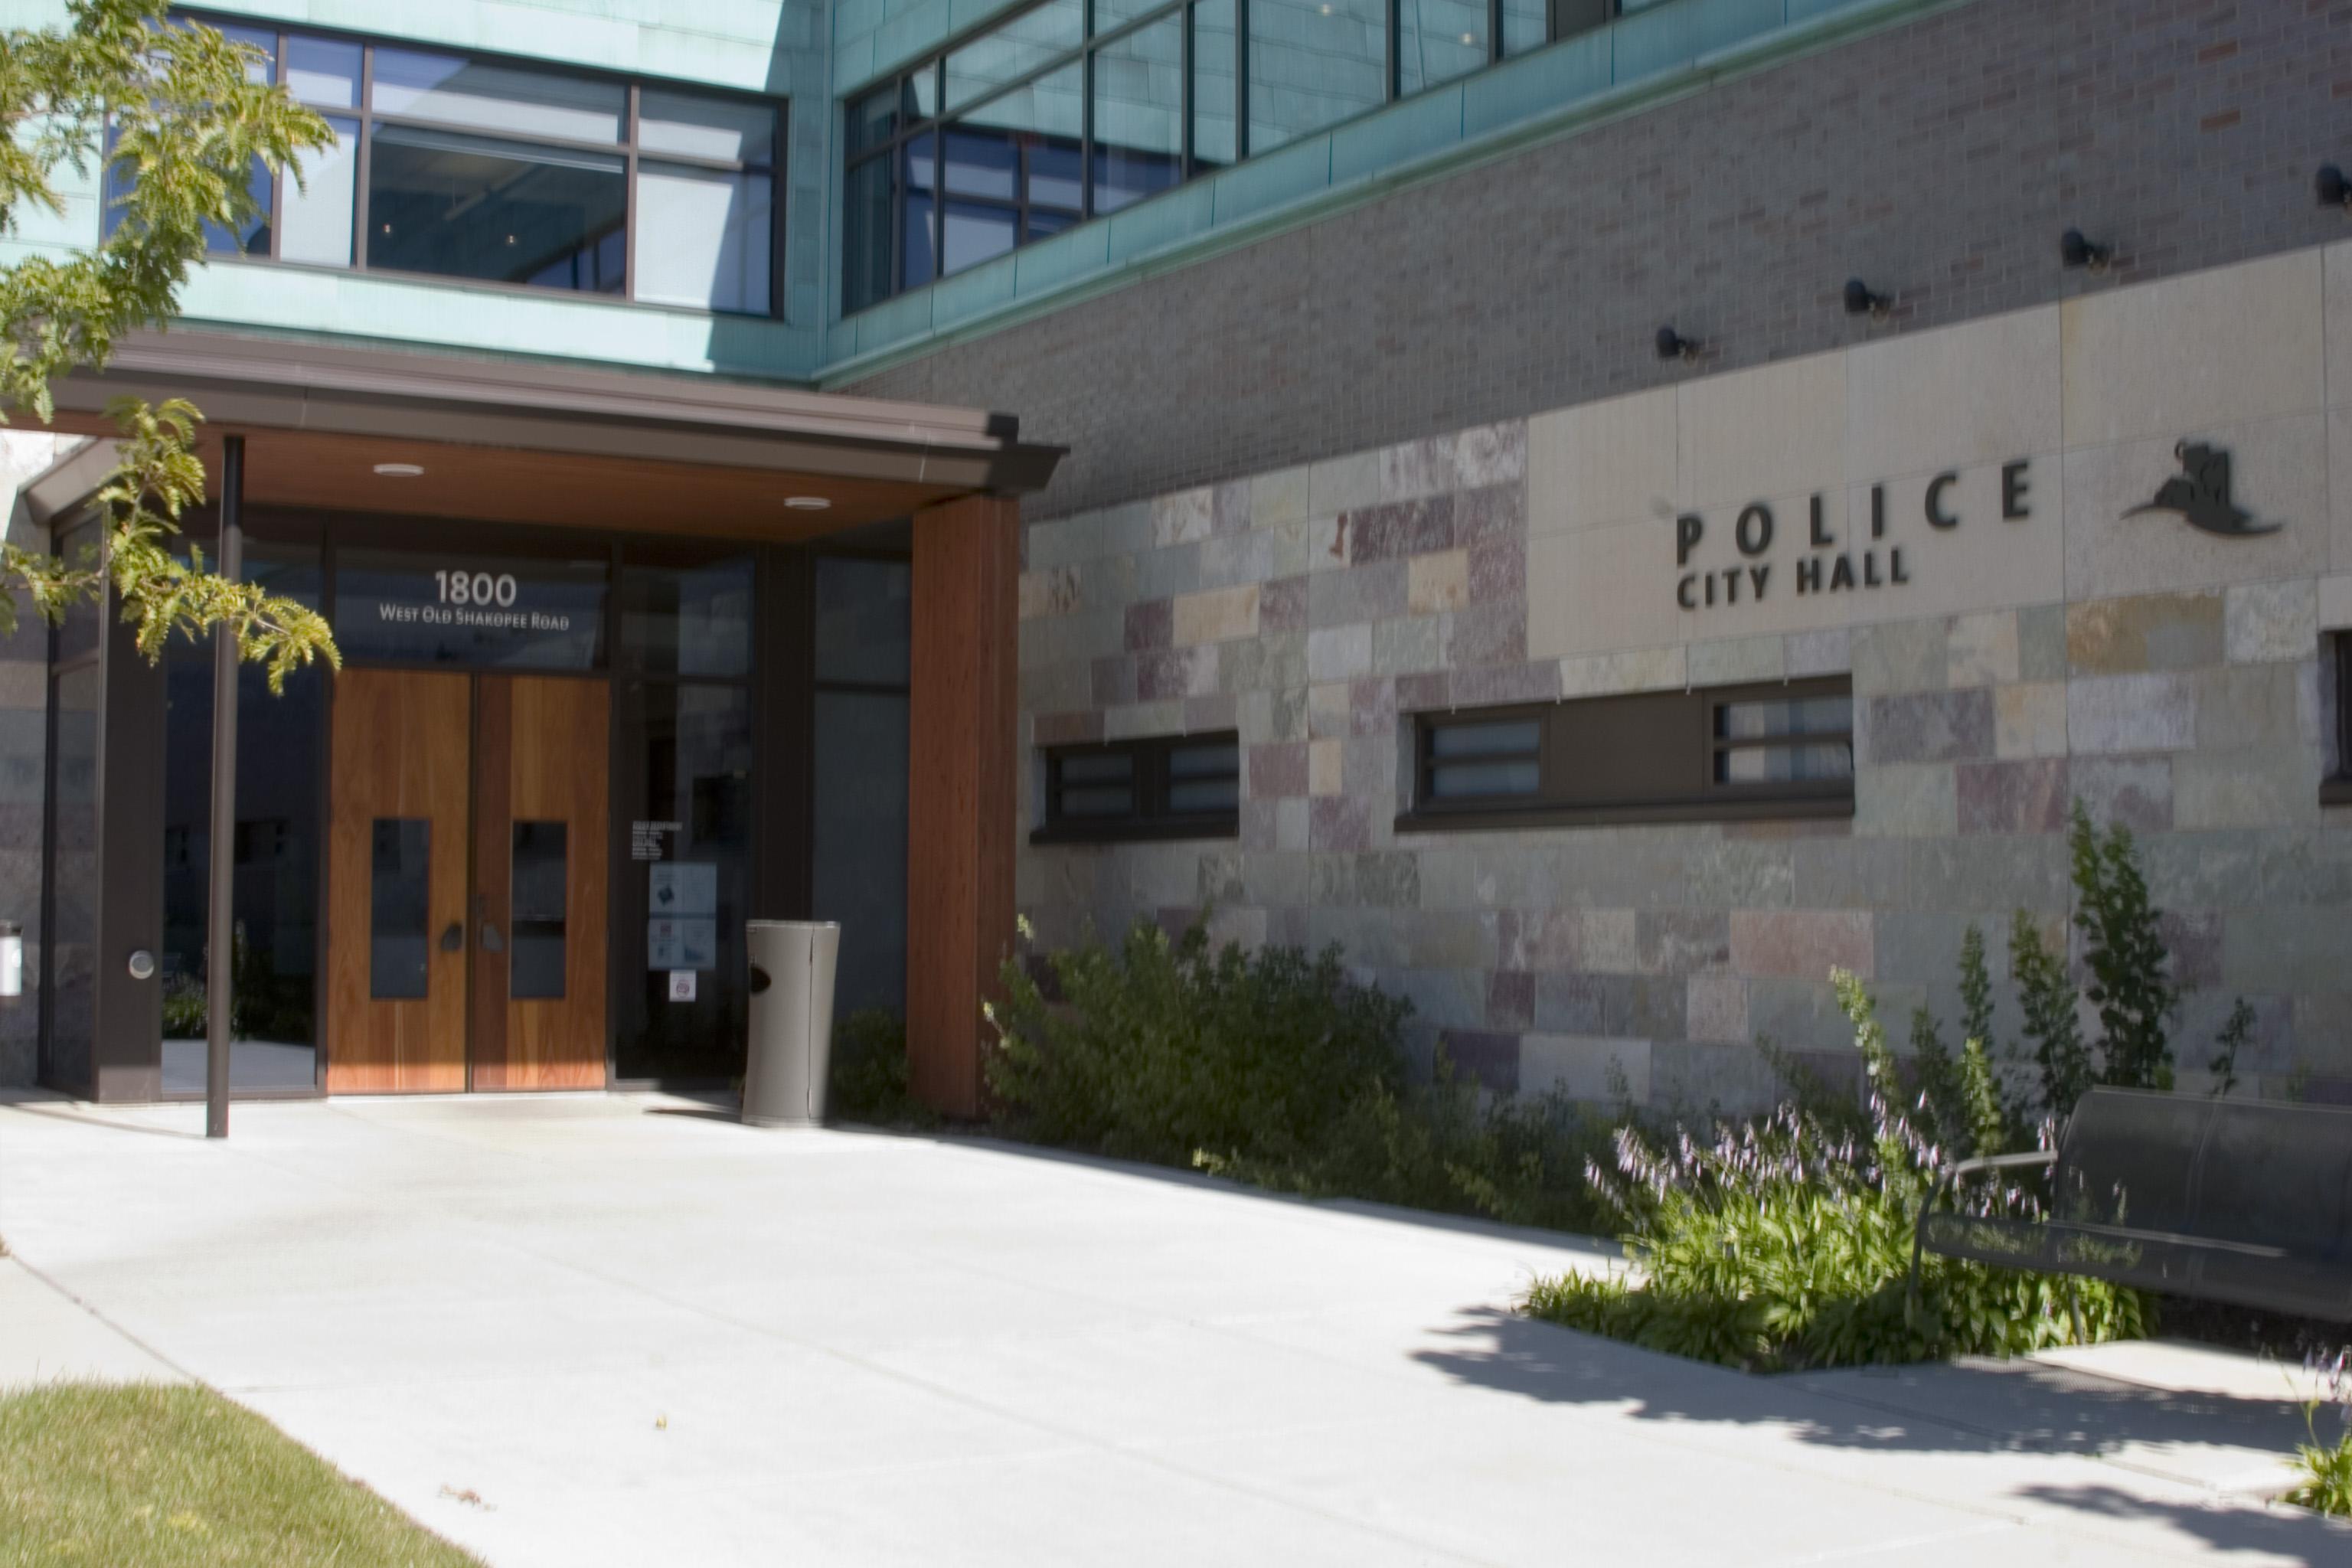 Elegant Police Station